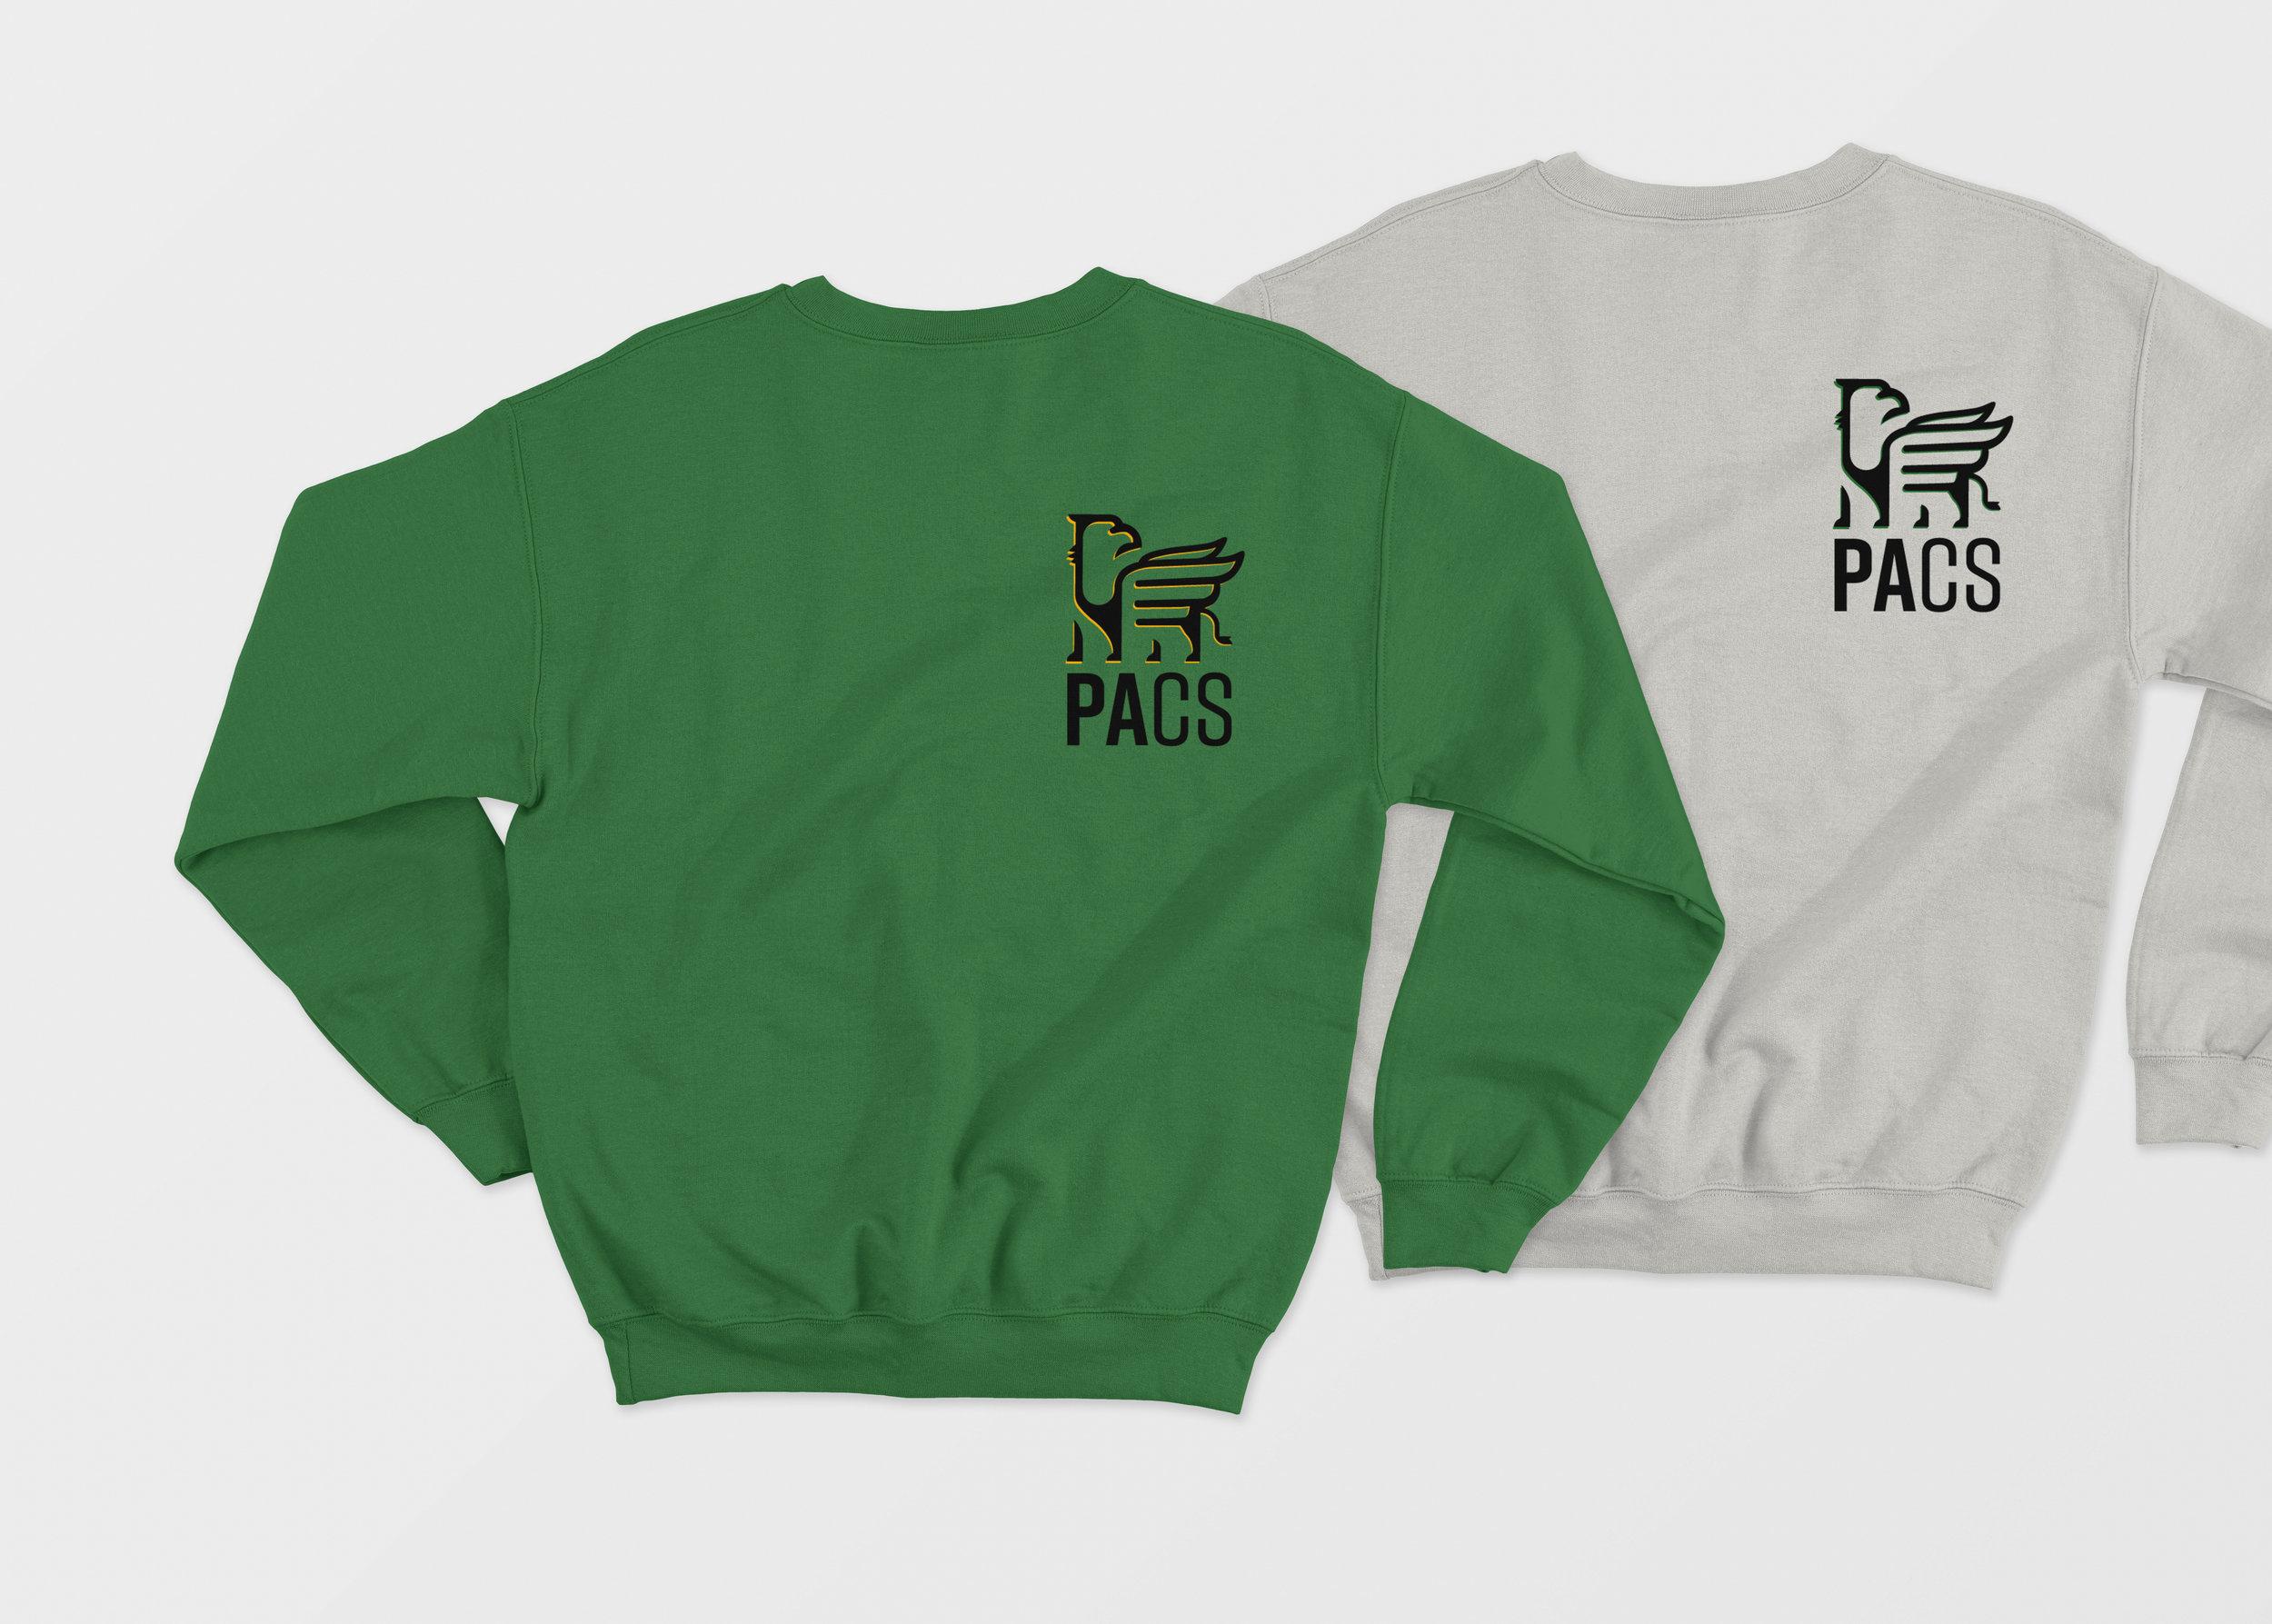 PACS_Shirts.jpg